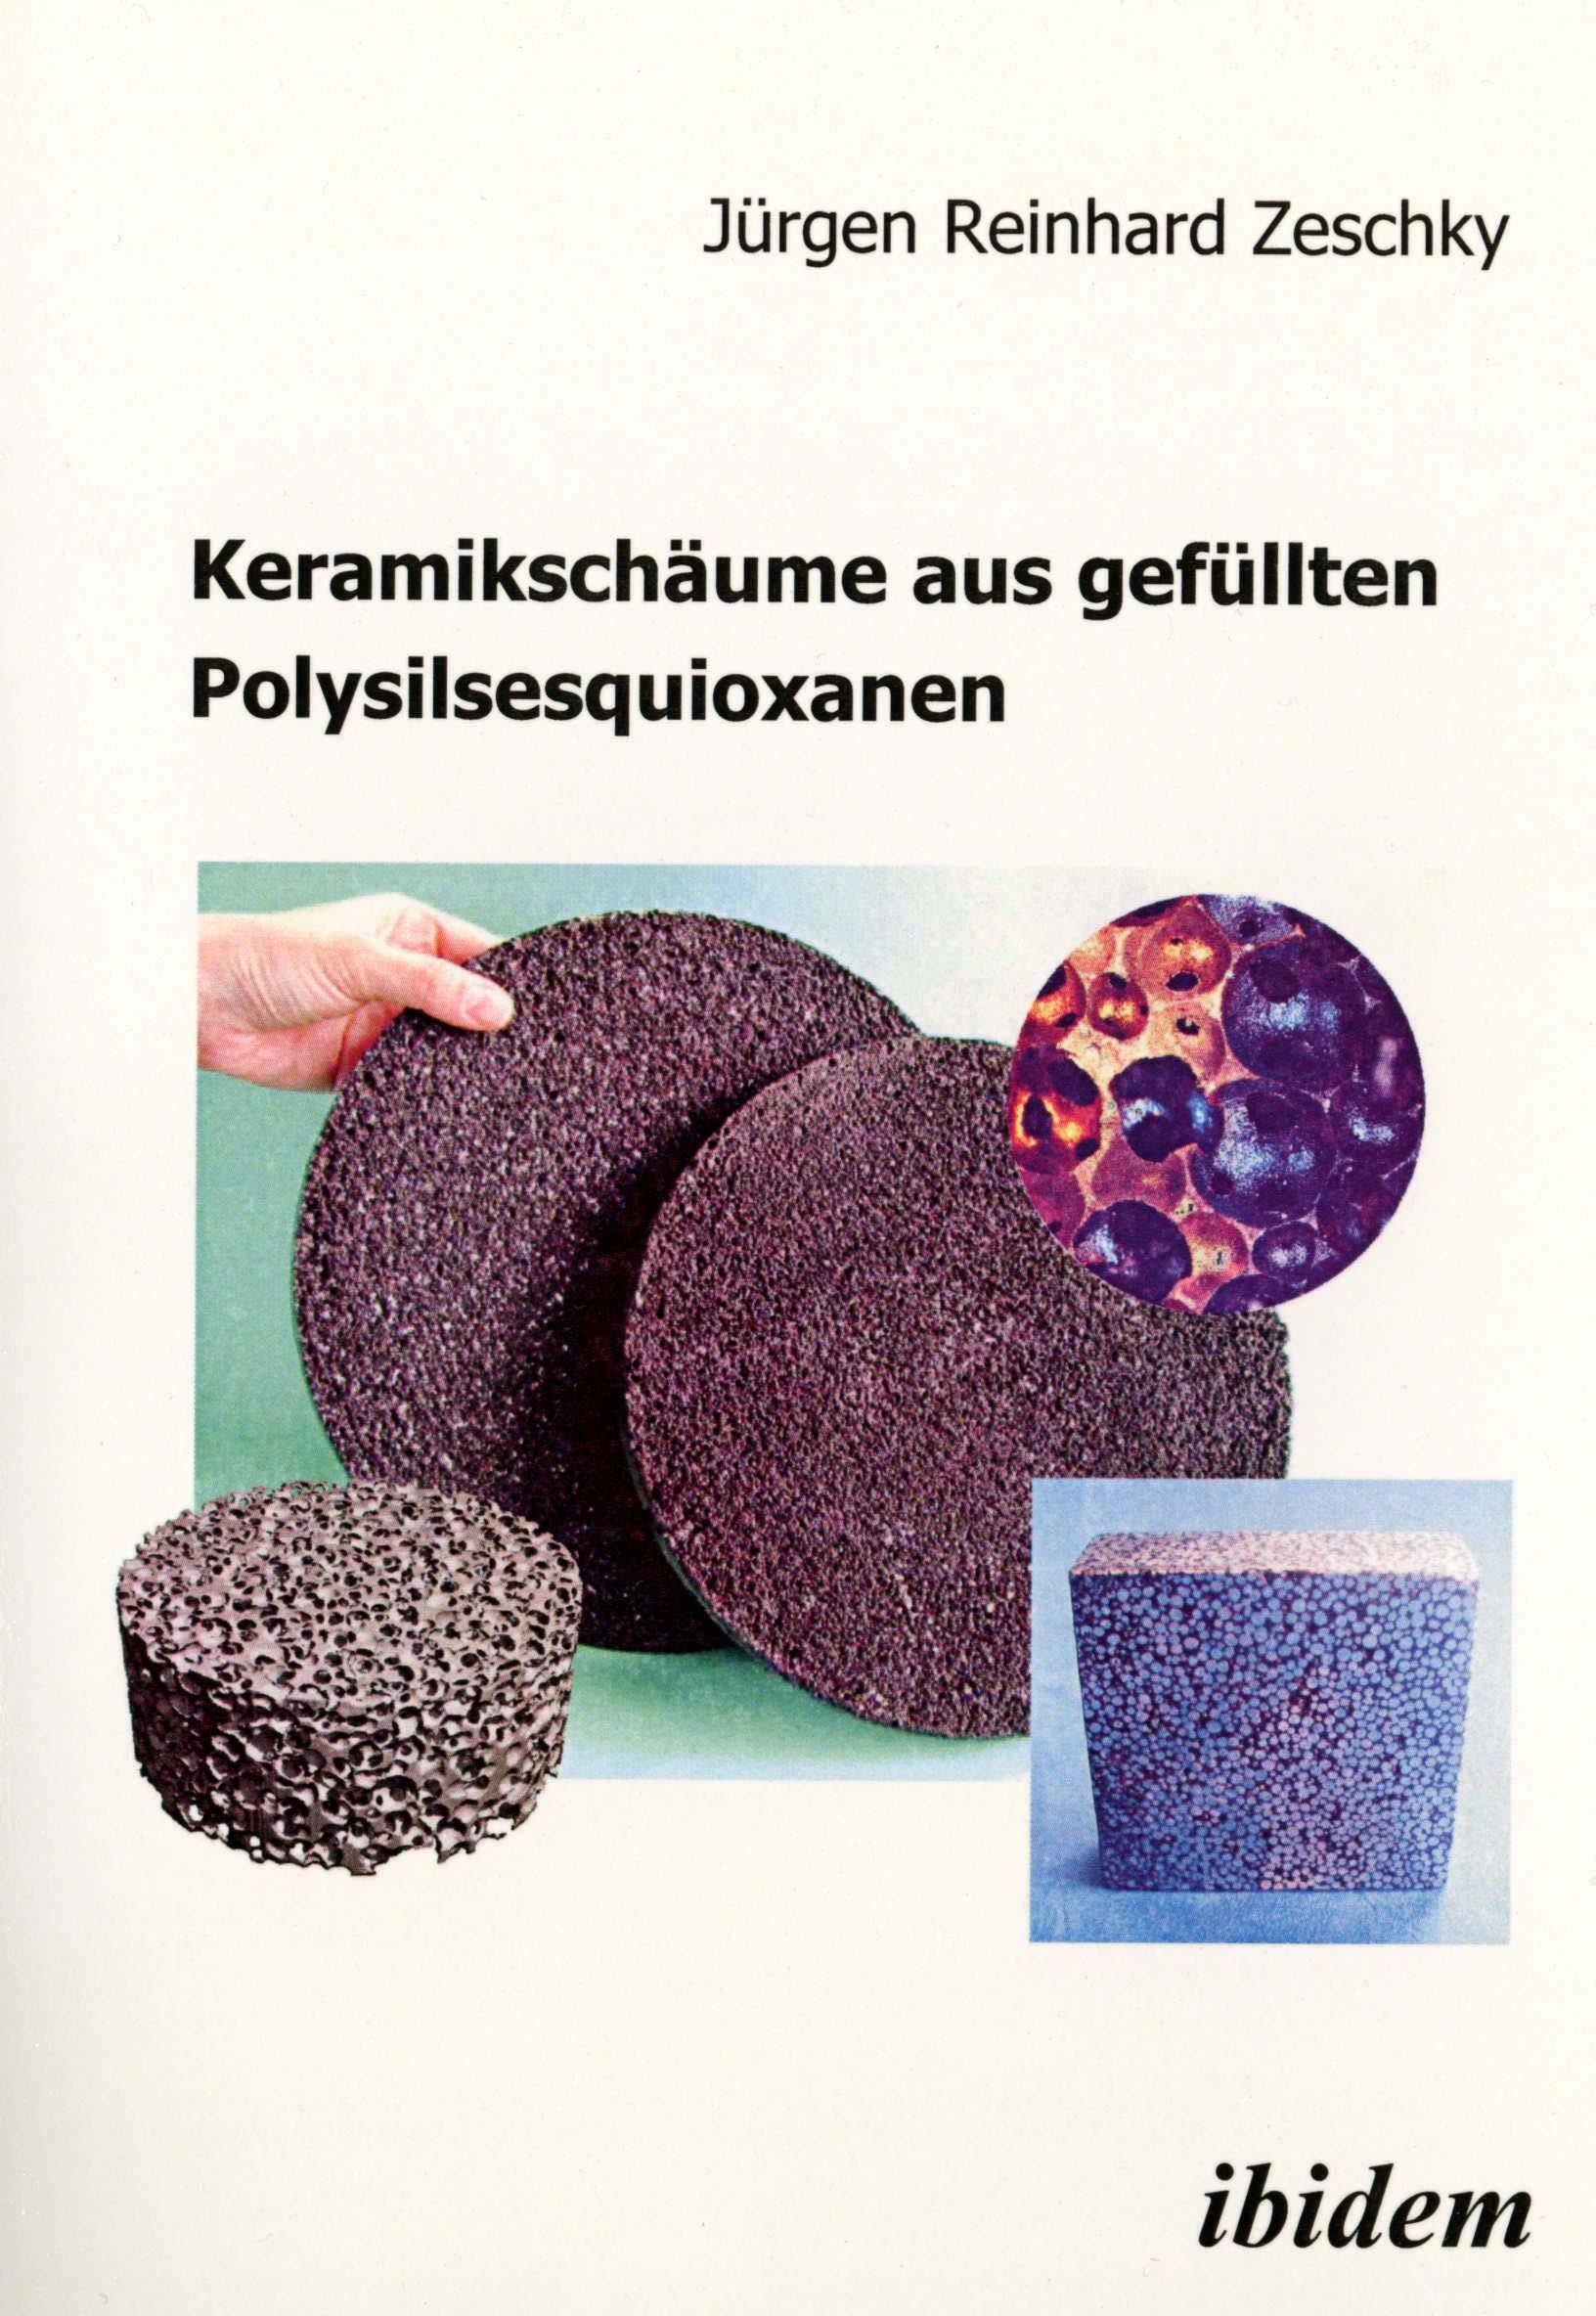 Keramikschäume aus gefüllten Polysilsesquioxanen